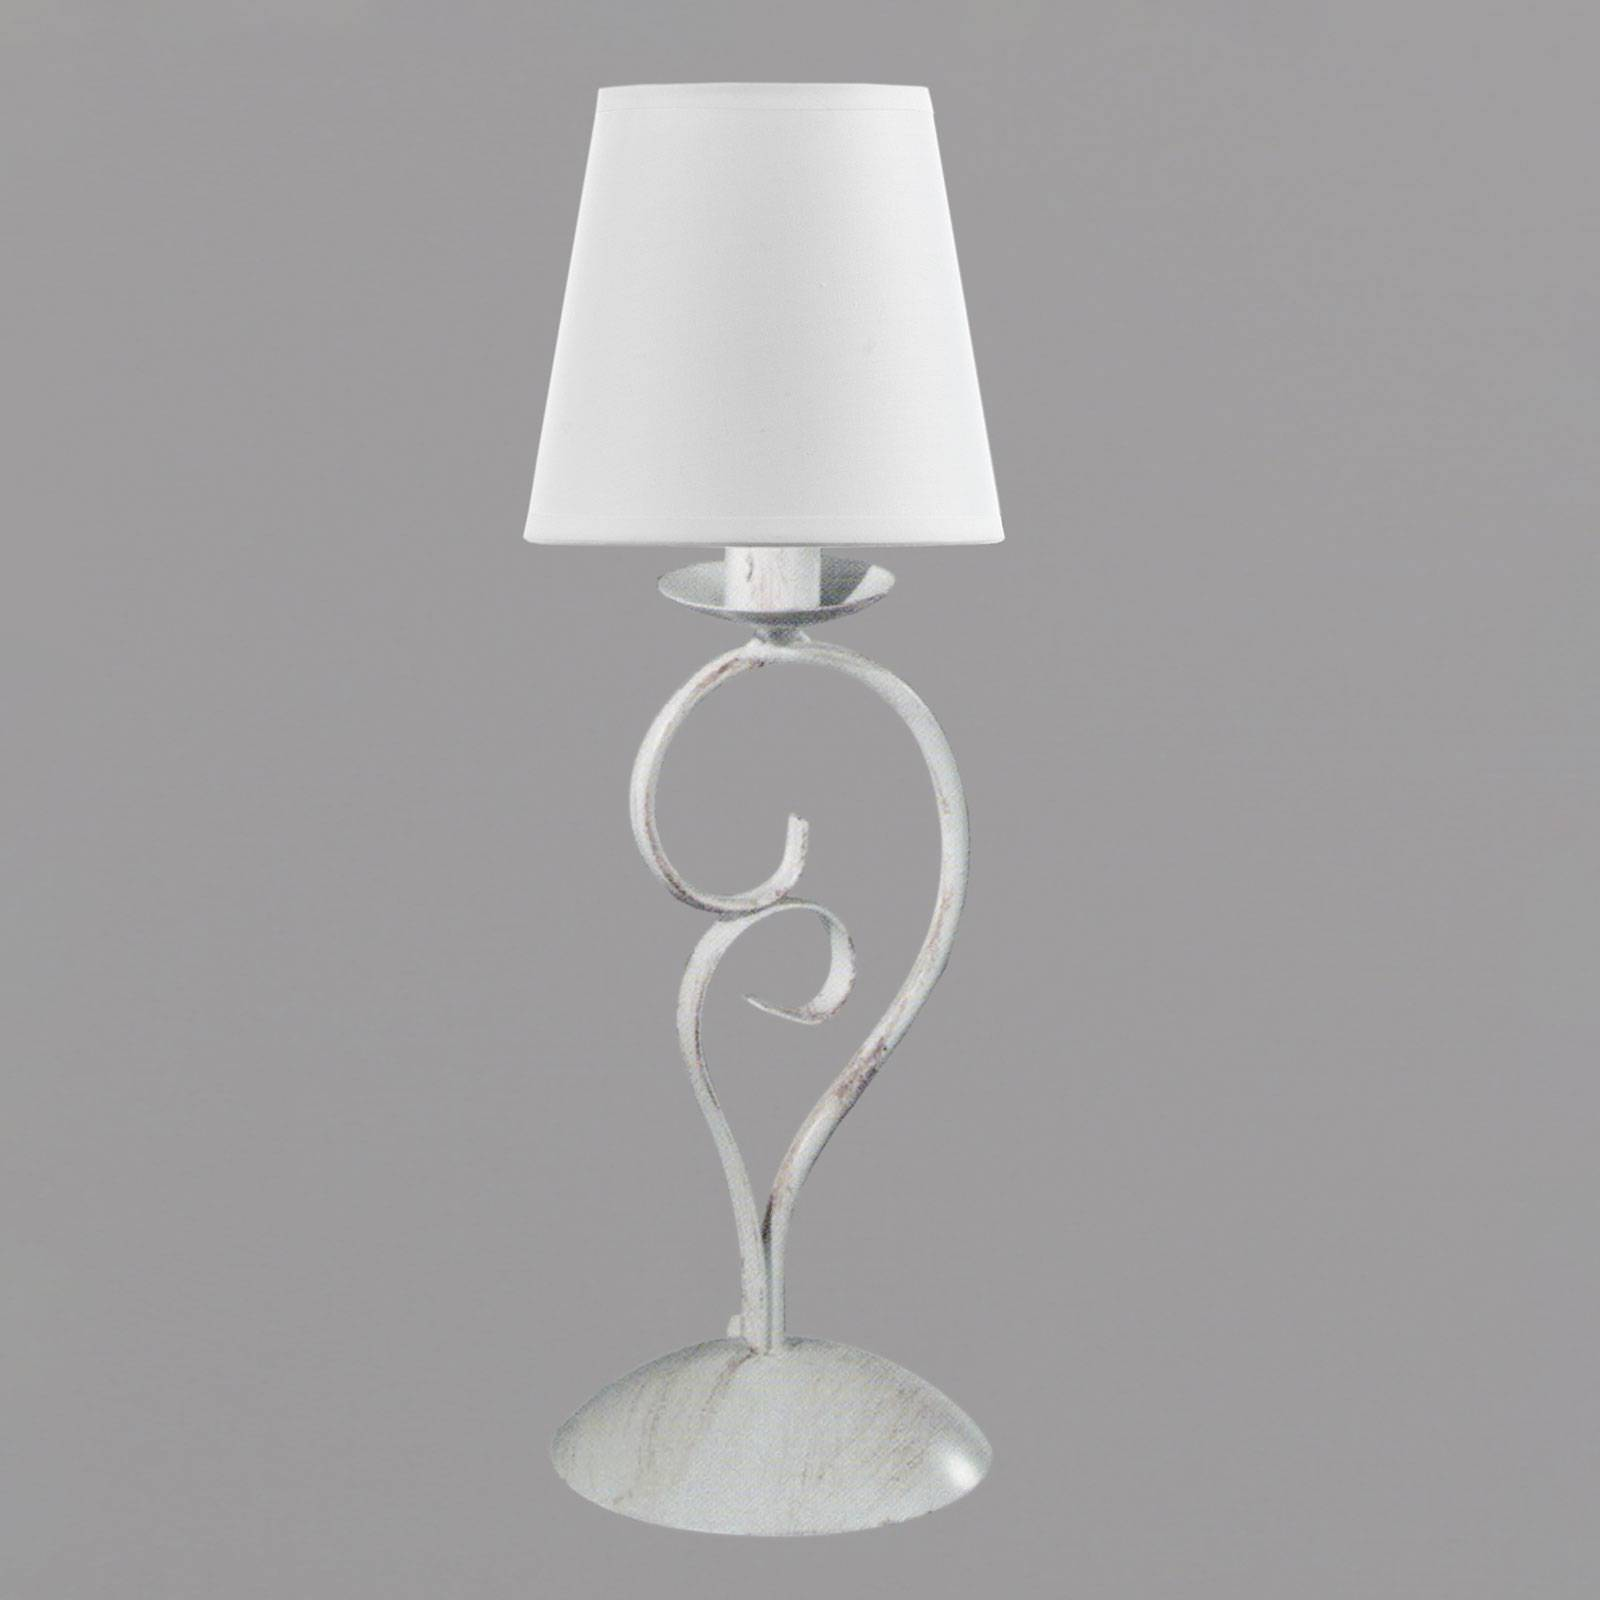 EULUNA Stolní lampa Pompei 50cm bílé textilní stínidlo